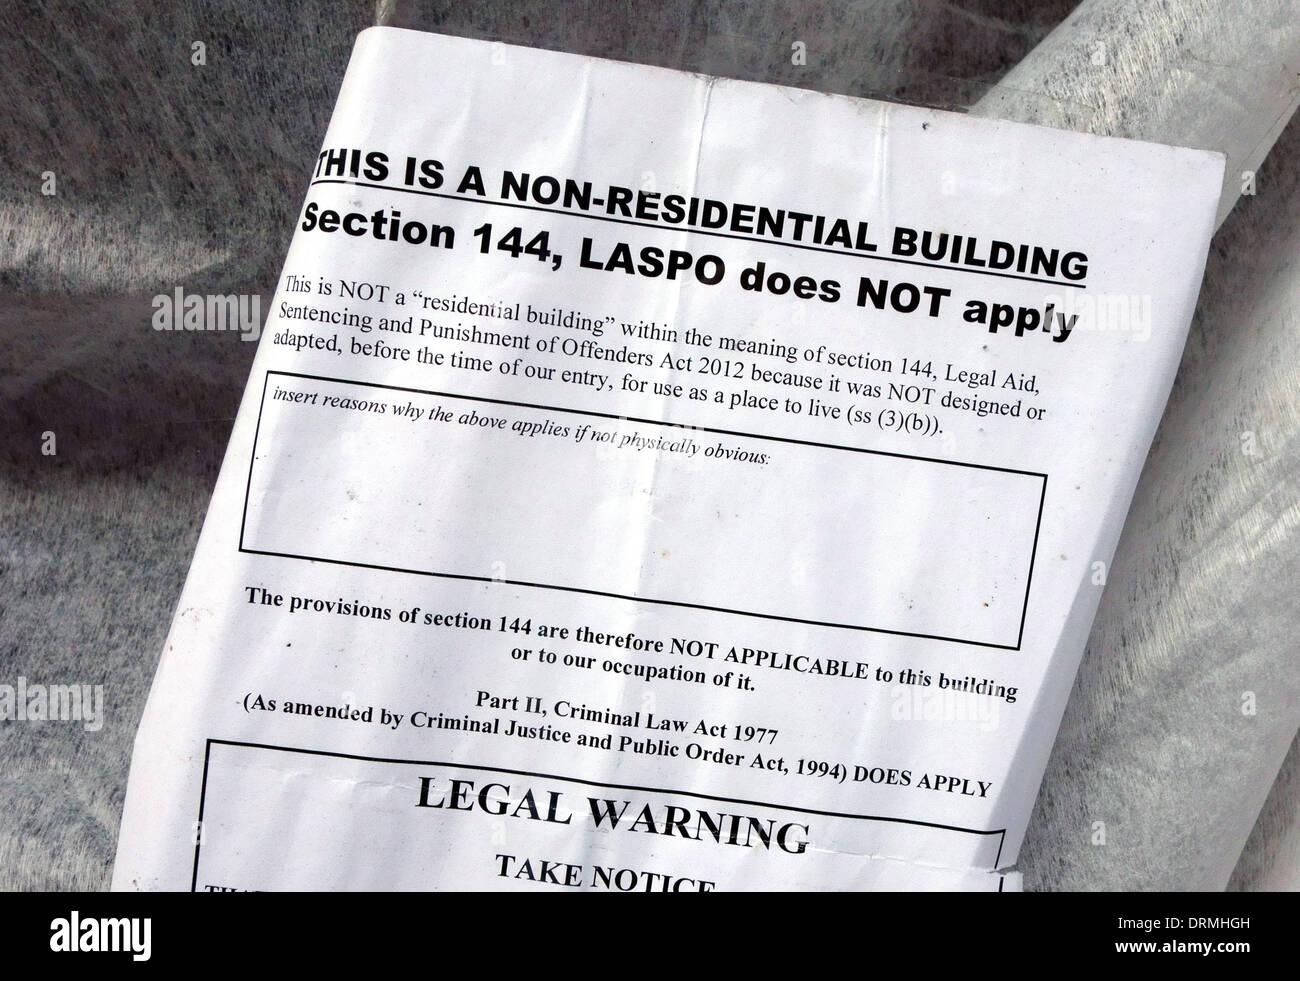 Rechtliche Hinweise im Fenster hocken im nicht-Wohnbau, London: Anti-squatting Gesetz gilt nicht für Gewerberäume Stockbild